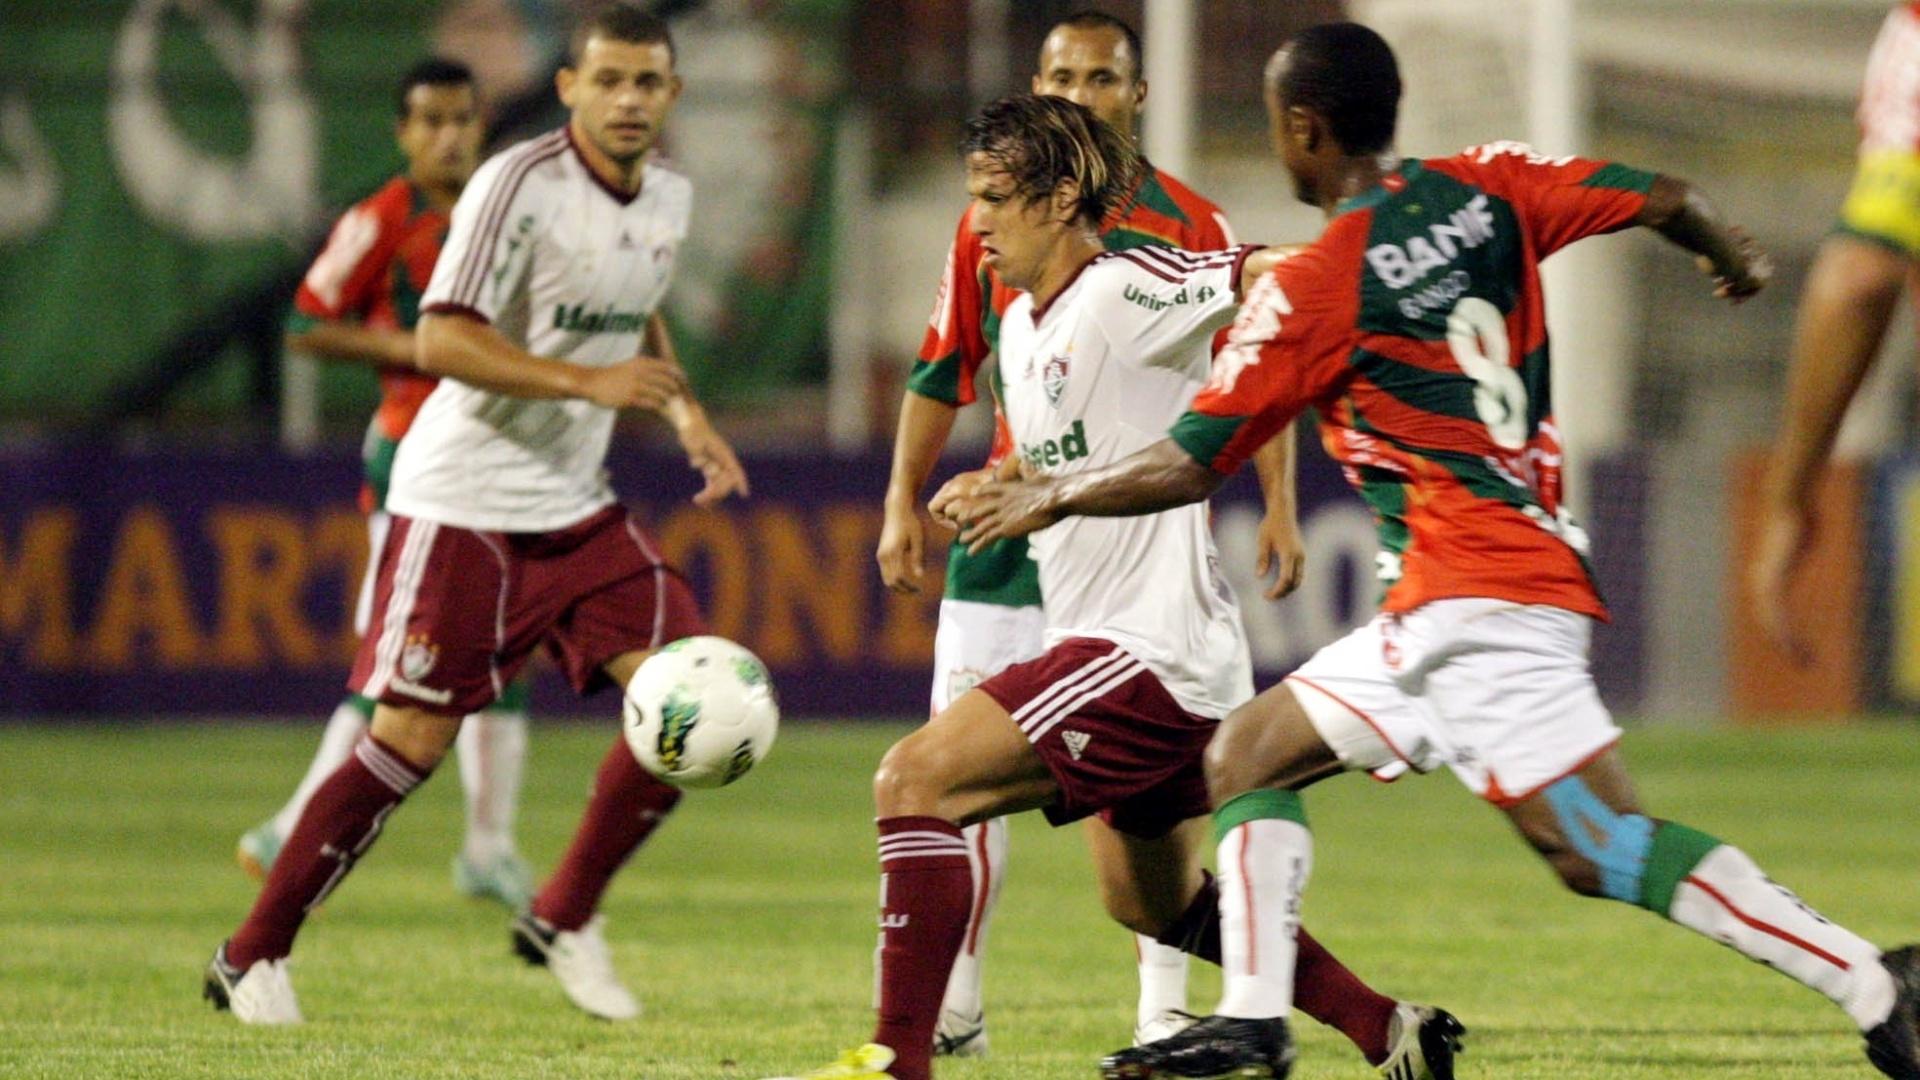 Diguinho, do Fluminense, é marcado por Léo Silva, volante da Portuguesa, em jogo no Canindé